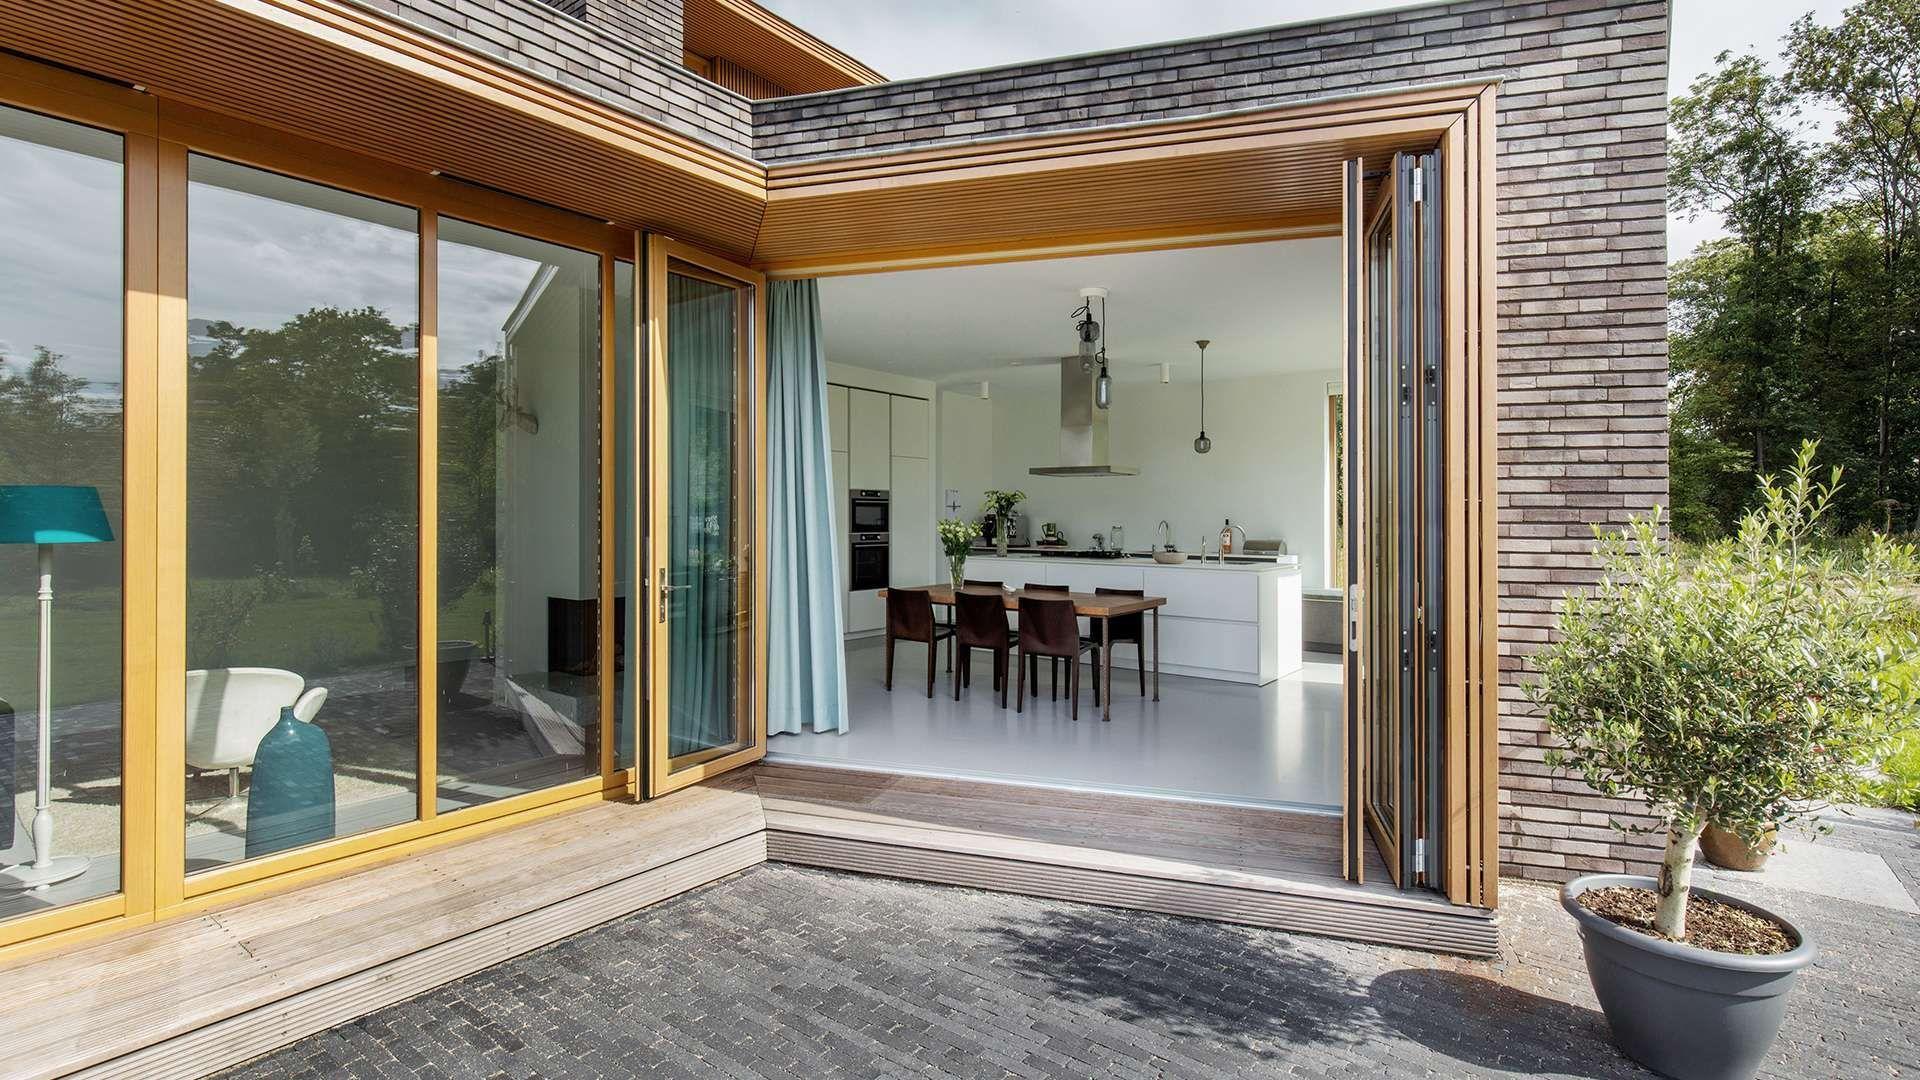 geöffnete Glas-Faltwand aus Holz mit Blick in eine Küche